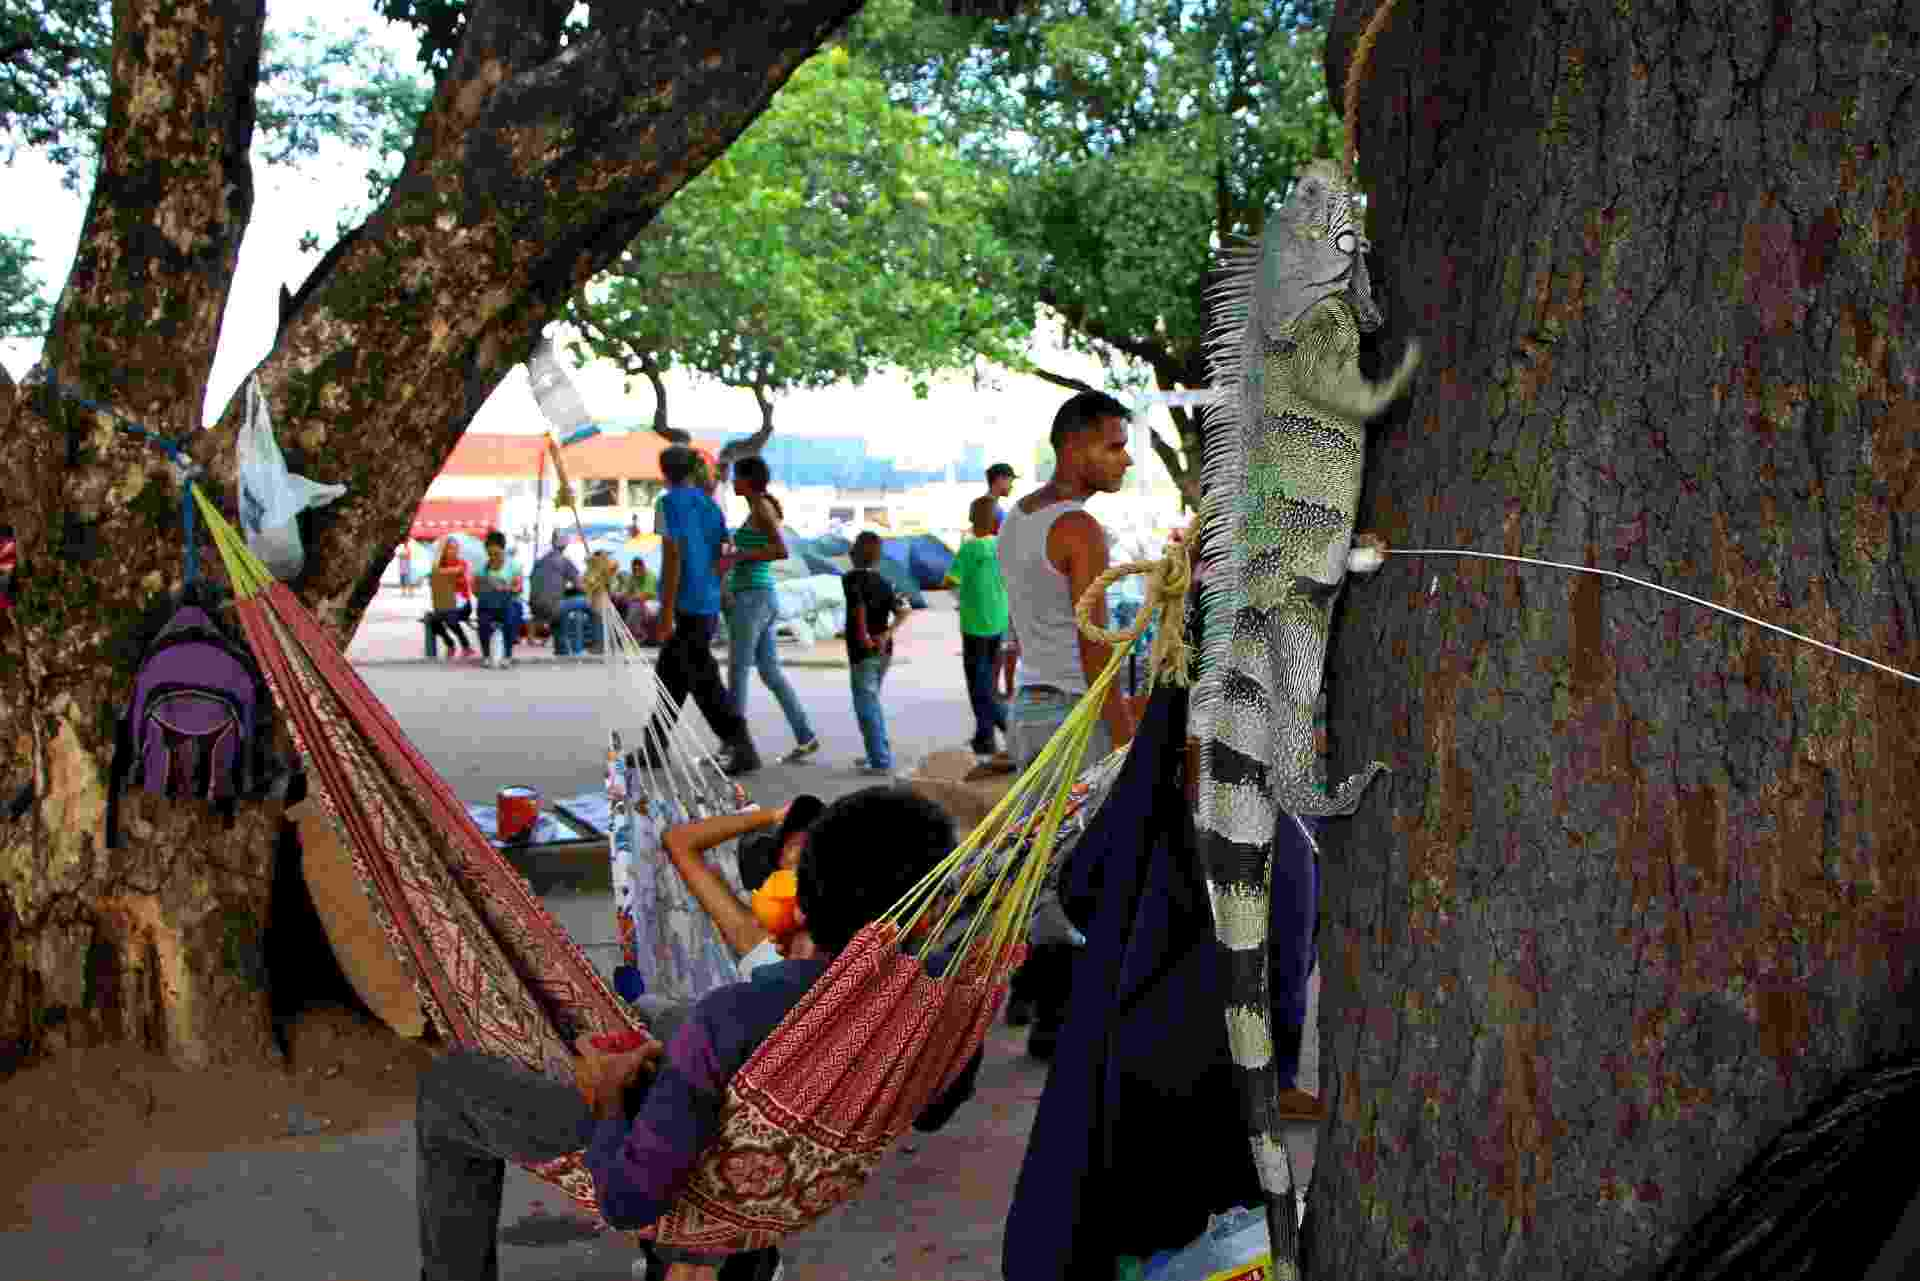 Cerca de mil venezuelanos vivem na Praça Simón Bolívar, em Boa Vista. Eles dormem em barracas de camping, em redes e até mesmo em caixas de papelão no chão - EDMAR BARROS/FUTURA PRESS/ESTADÃO CONTEÚDO